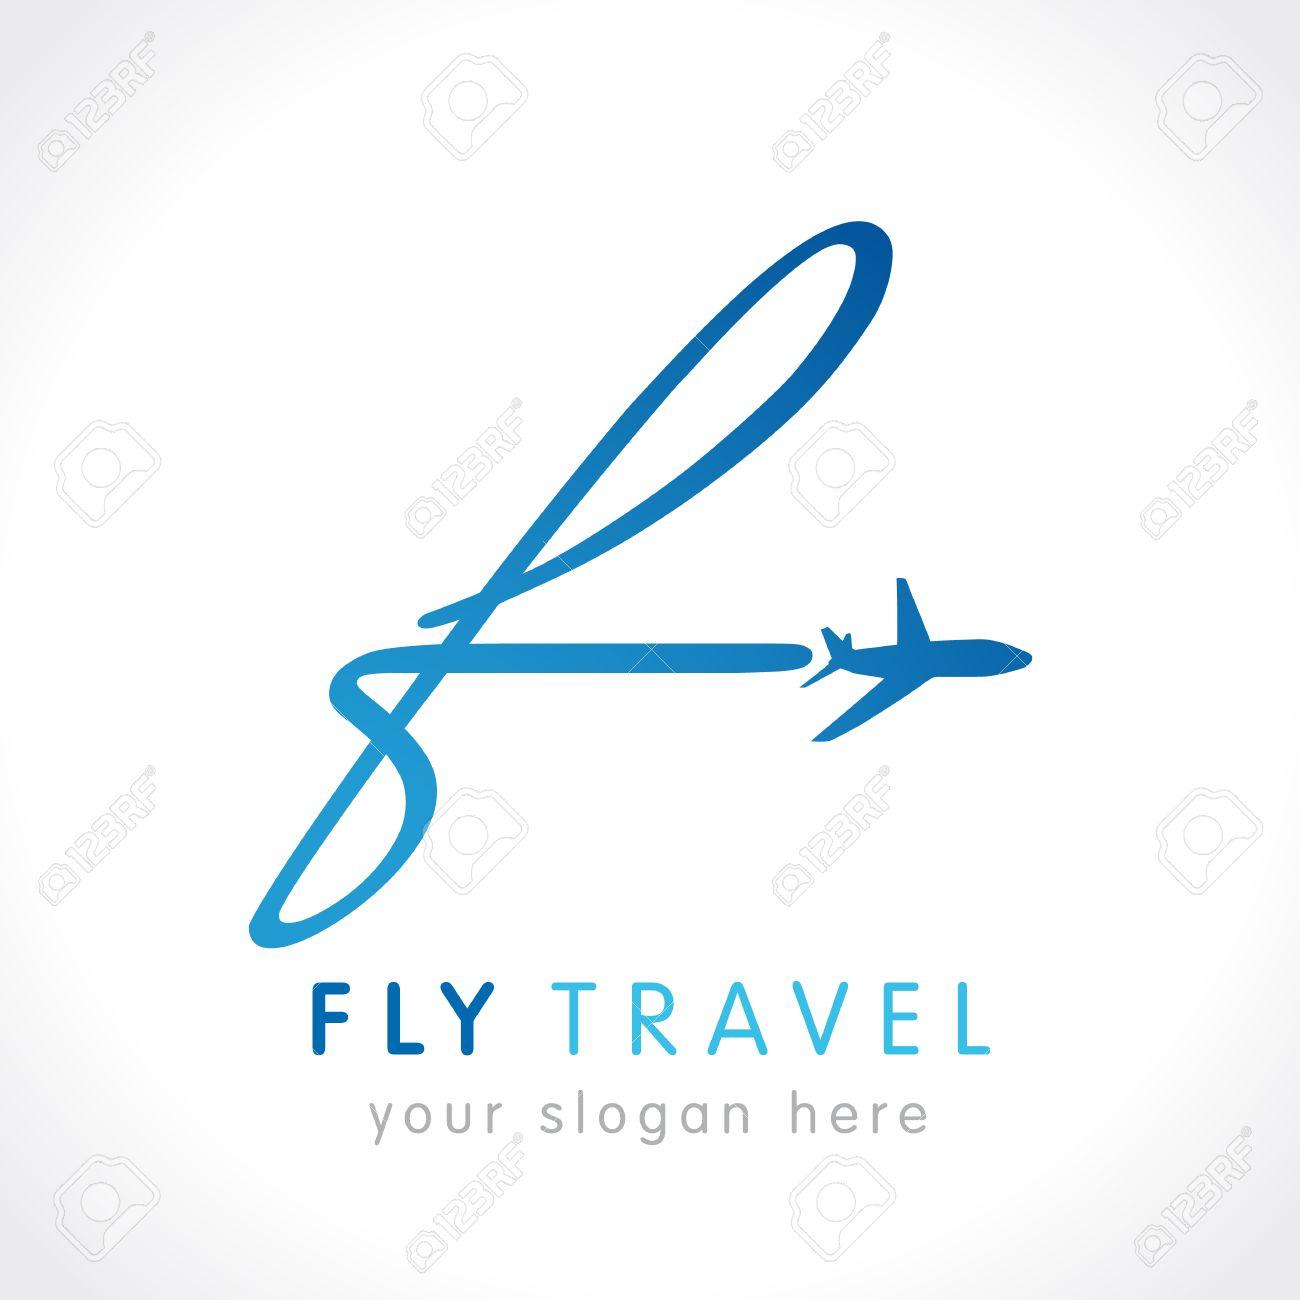 f フライ旅行会社のロゴ 航空会社のビジネス旅行 文字 f ロゴの